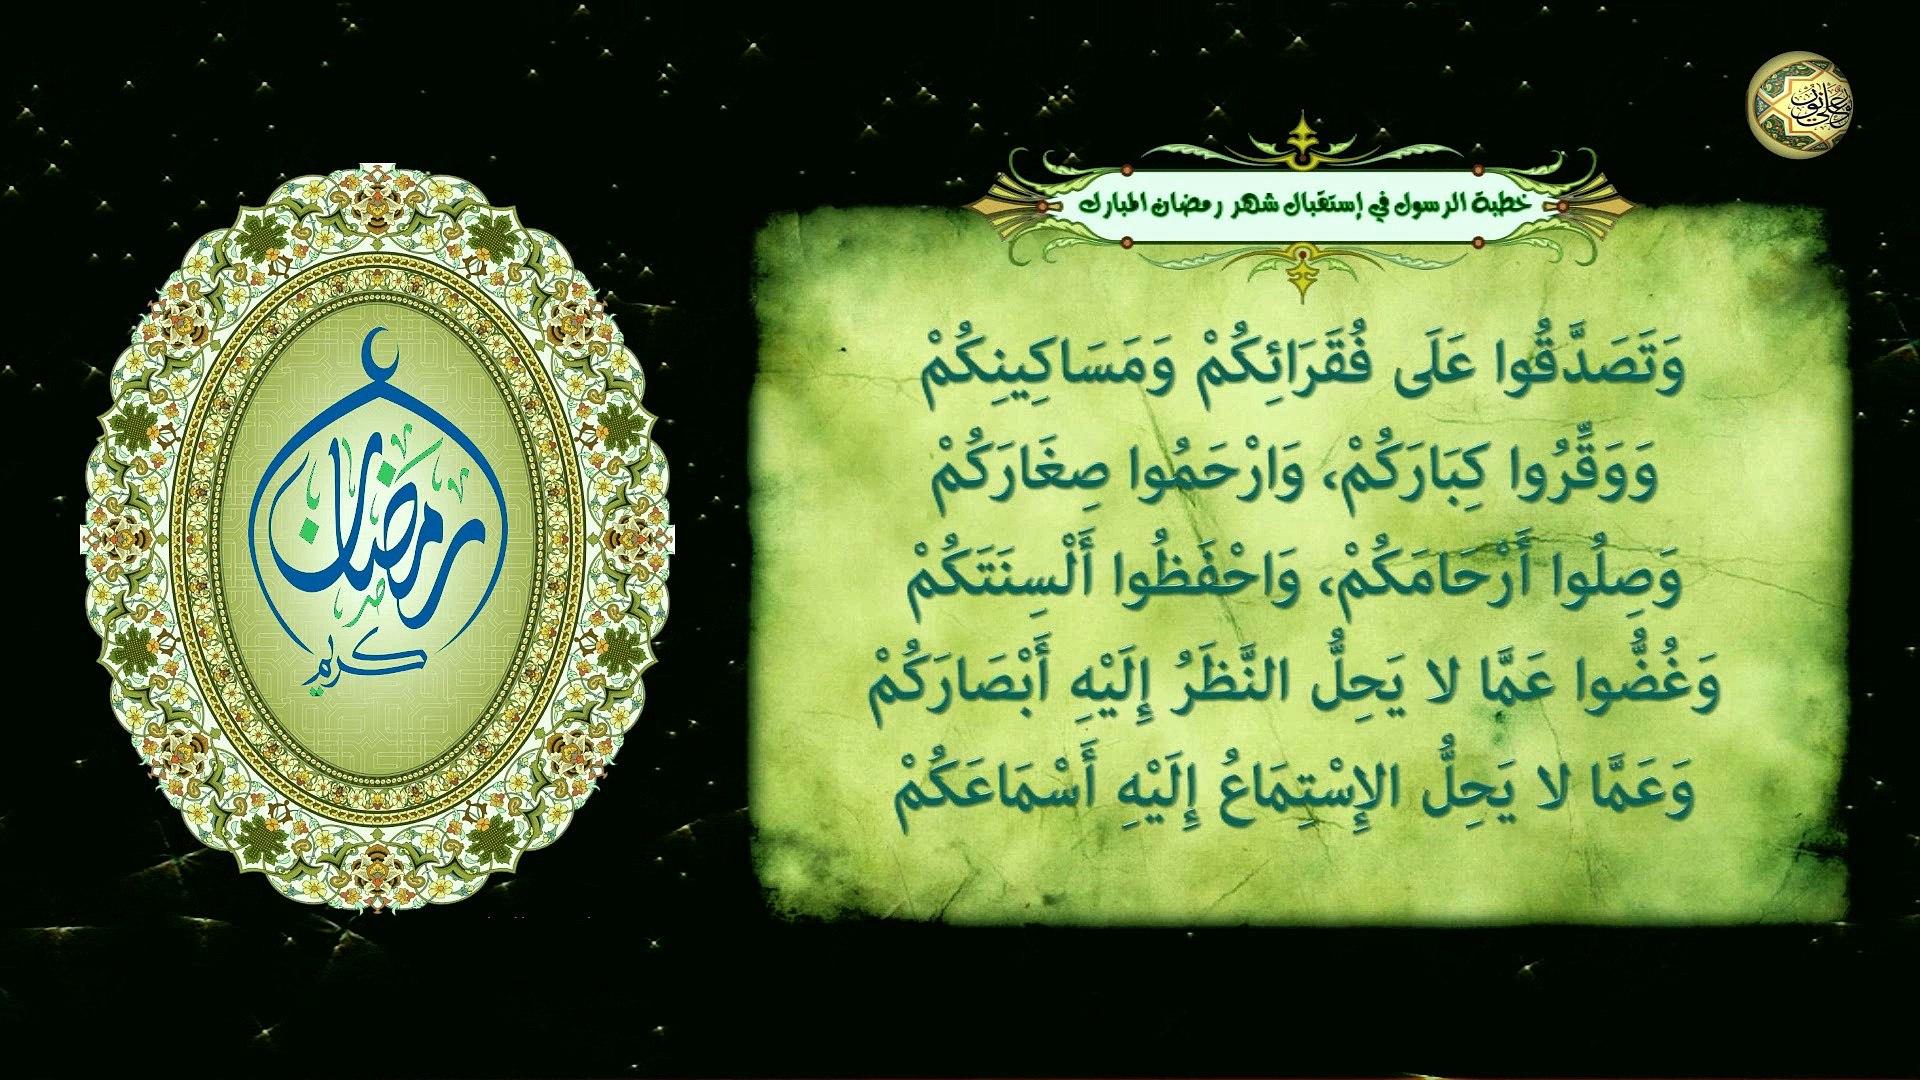 خطبة الرسول الأكرم محمد صل ى الله عليه وآله في استقبال شهر رمضان المبارك فيديو Dailymotion